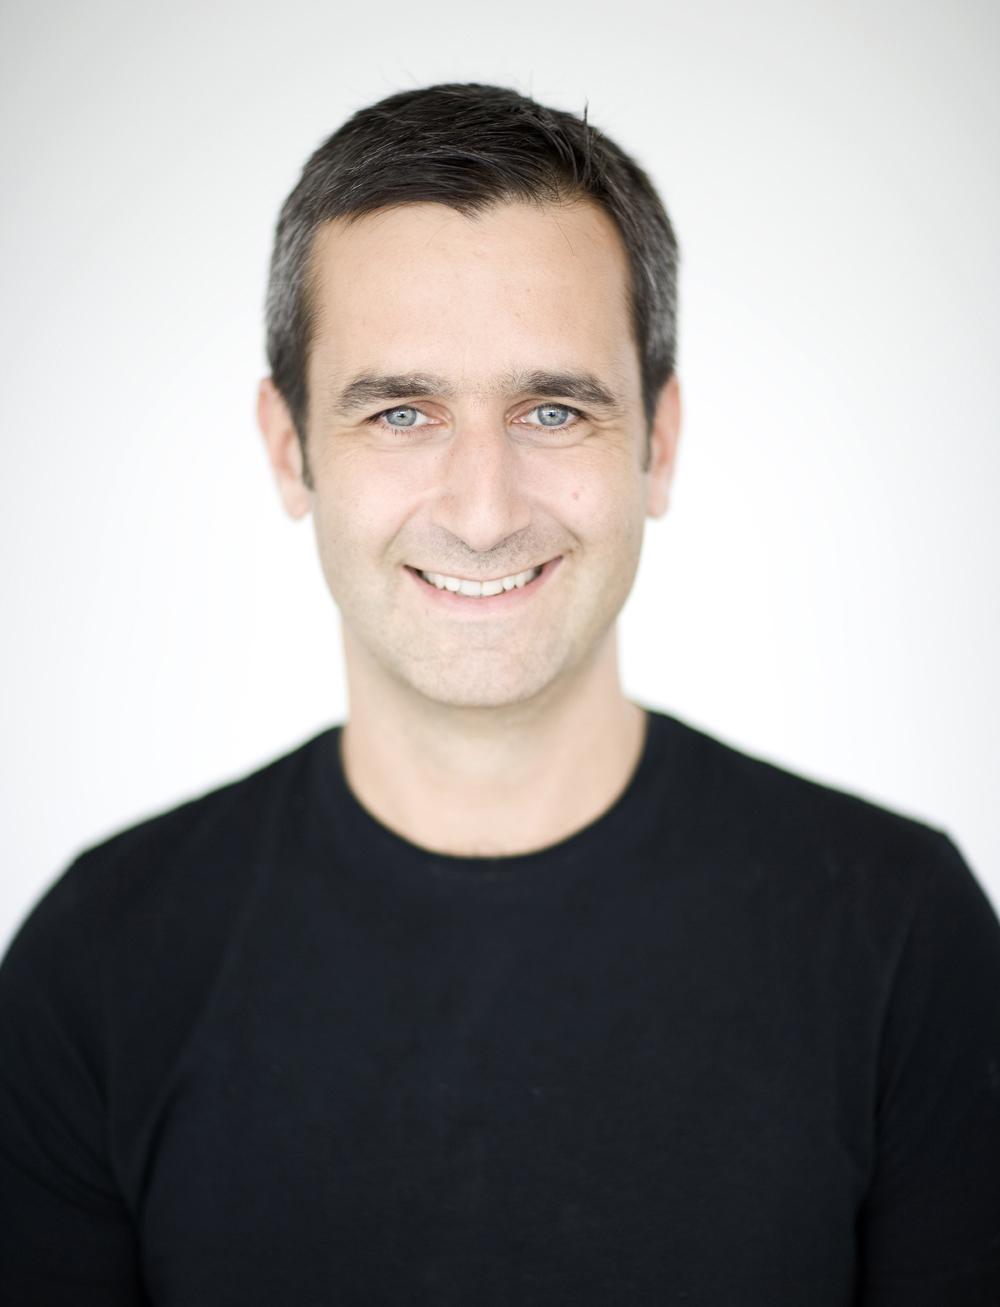 Marco Seiler, CEO SYZYGY AG